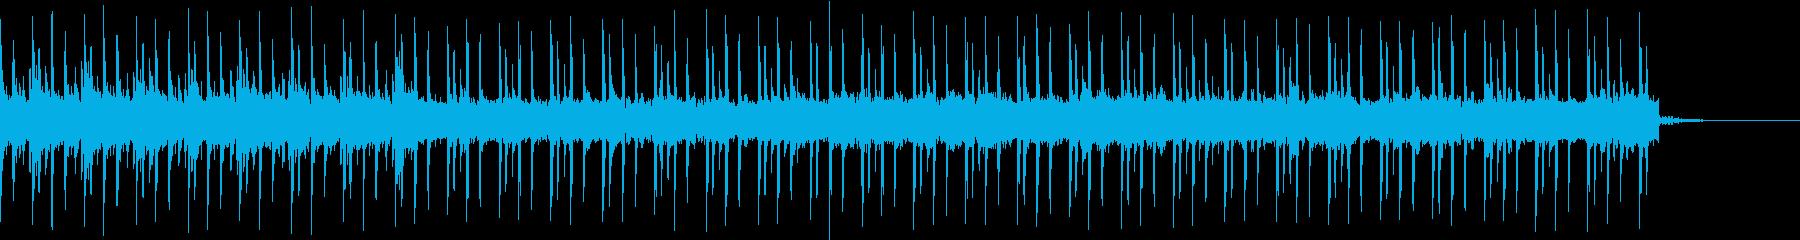 明るい迷宮不思議なラビリンスミュージックの再生済みの波形